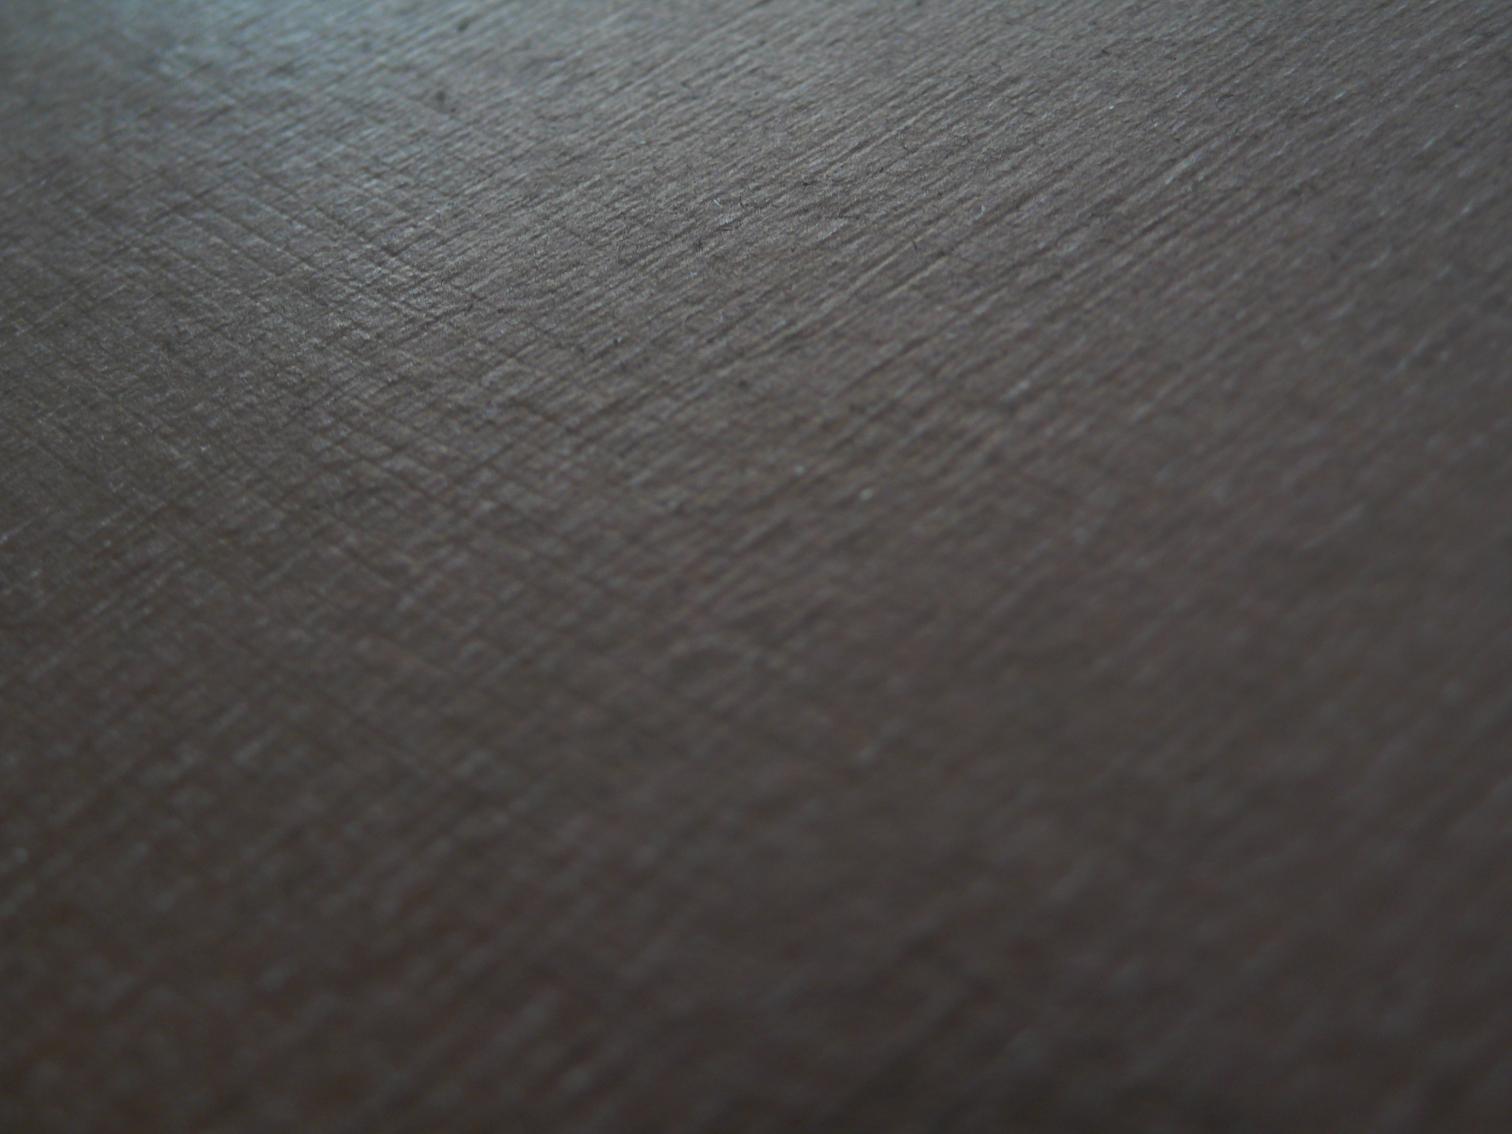 無題(局部),25.5x30.5公分,原子筆紙,2015.JPG